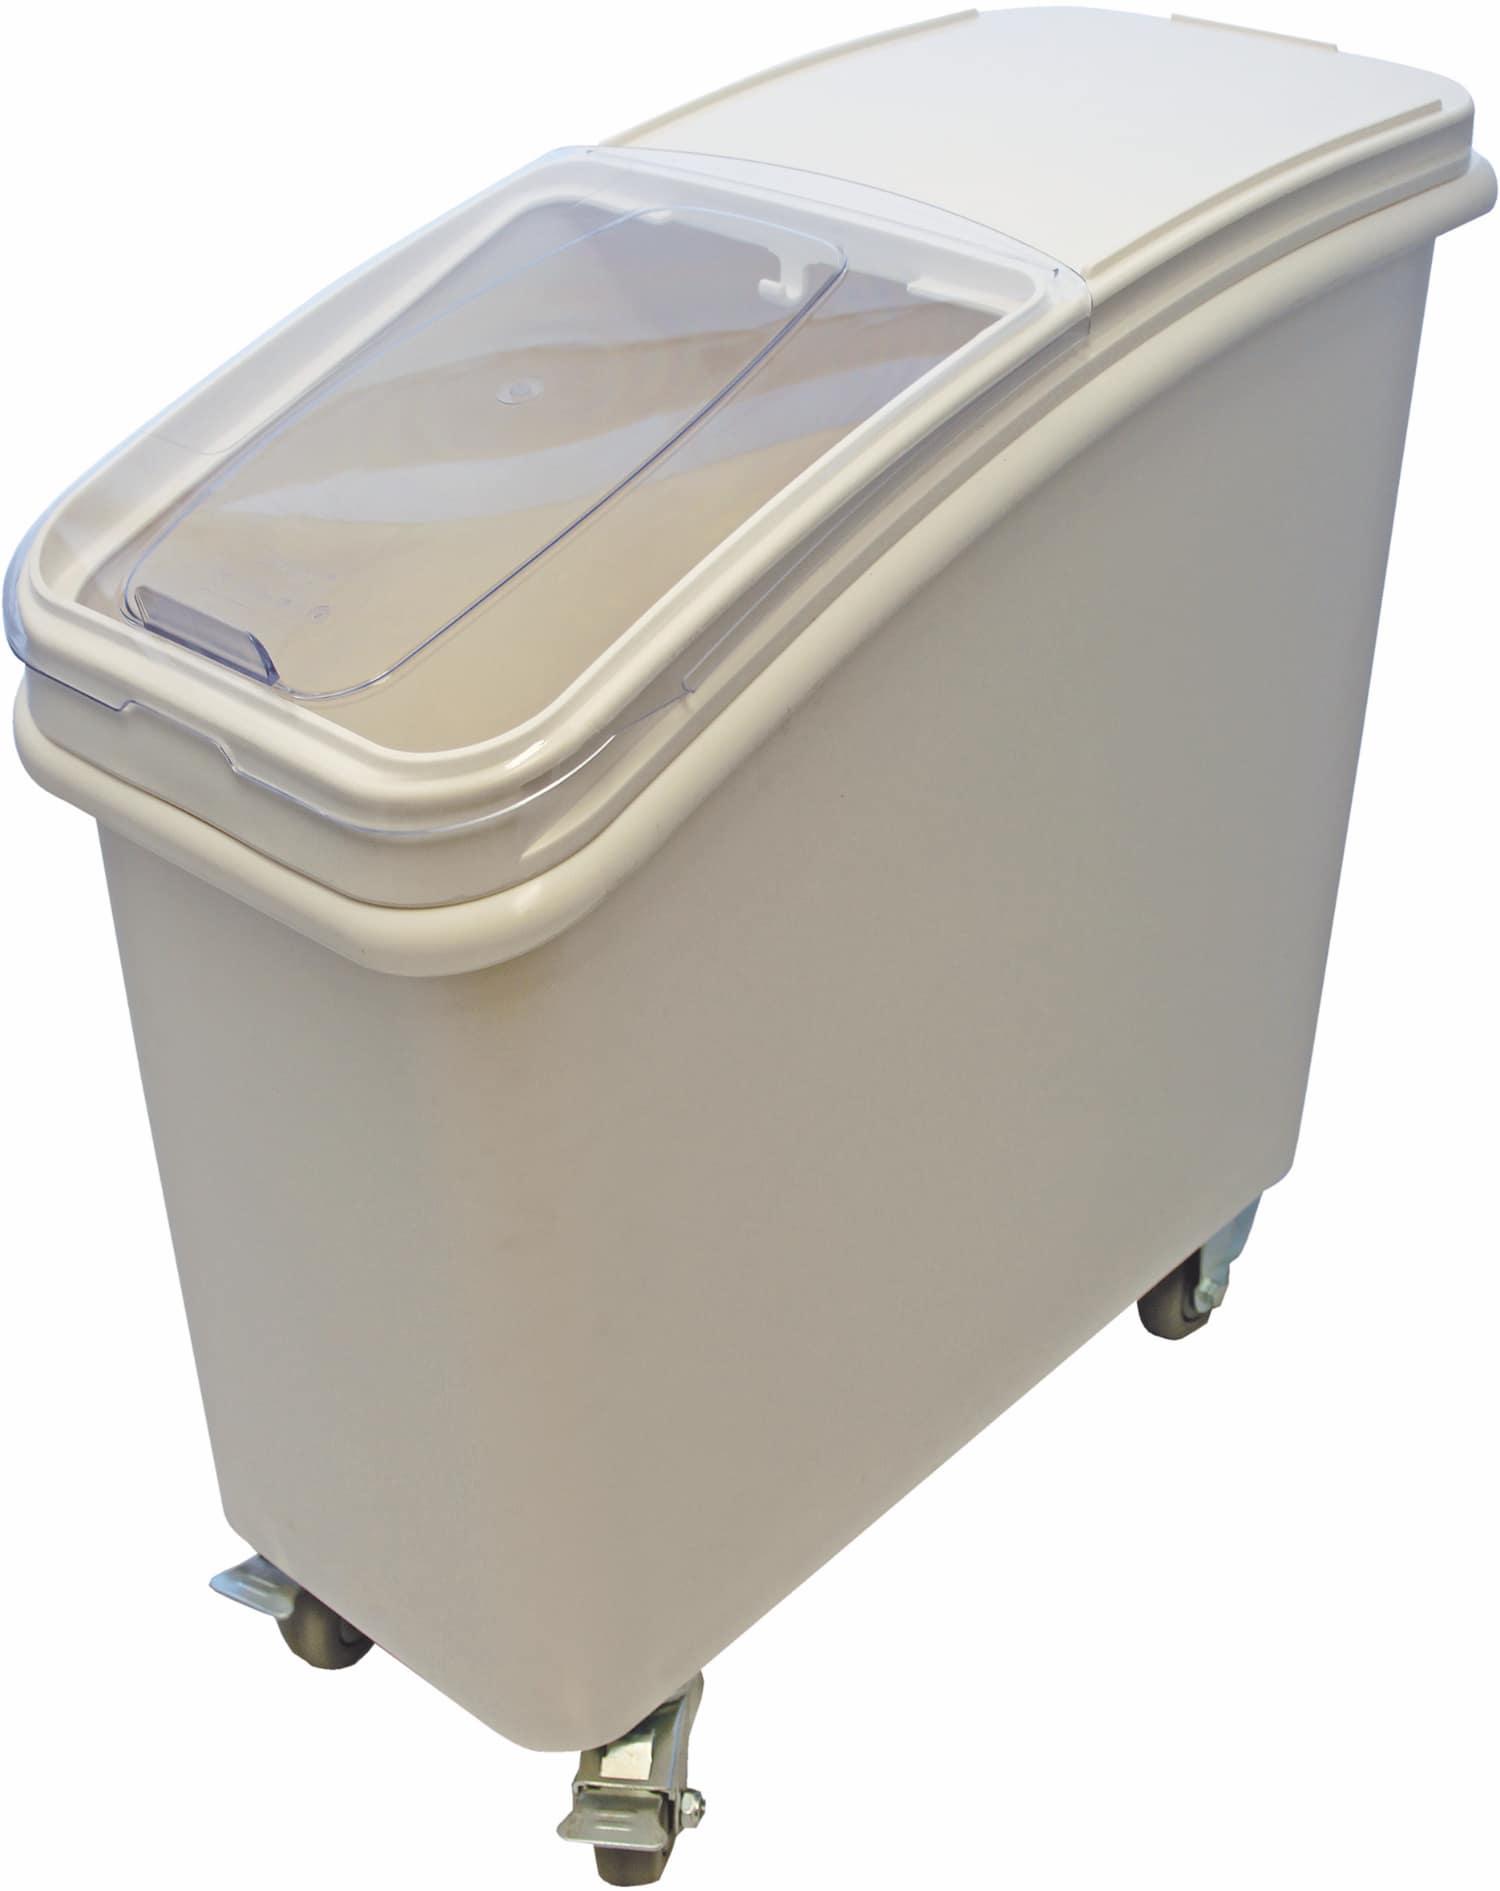 Lebensmittelbehälter & Vorratsbehälter fahrbar